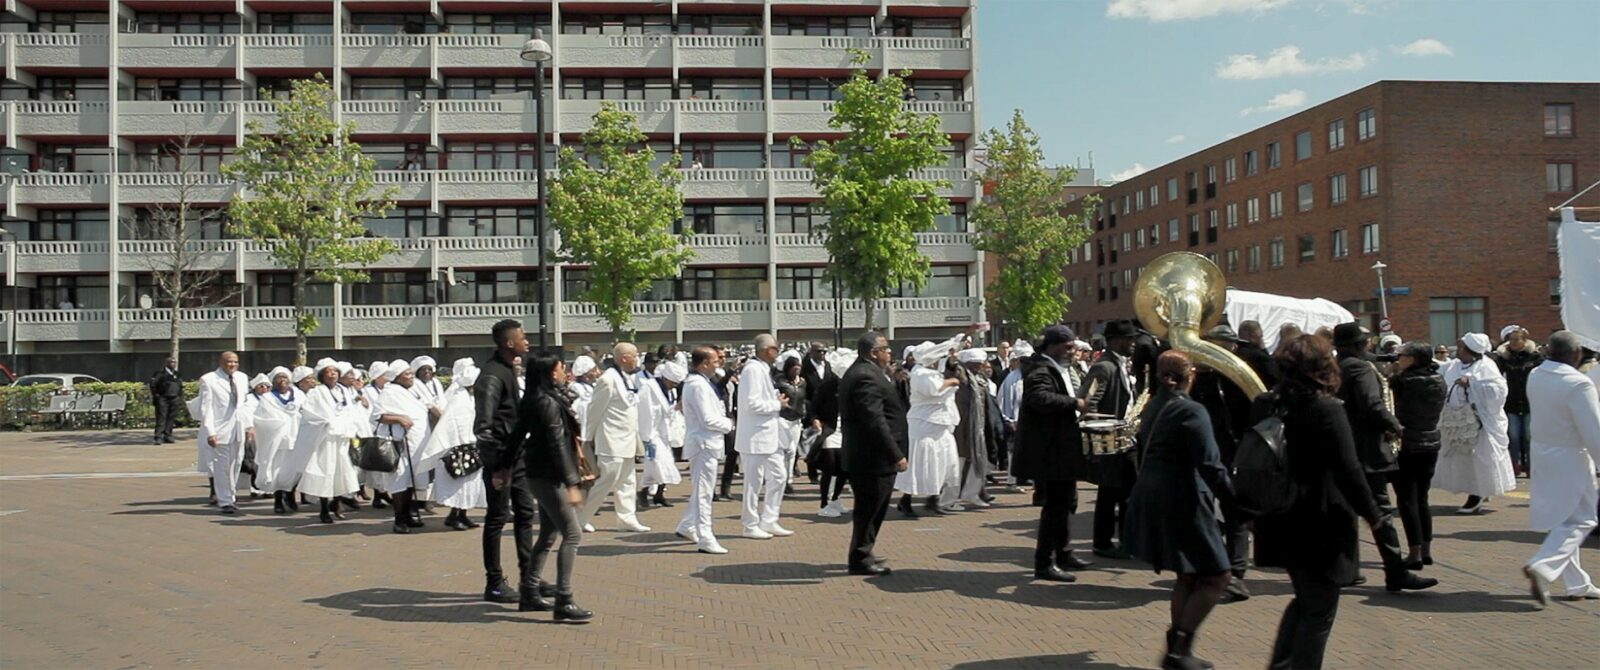 Dood in de Bijlmer.02_07_24_24.Still154